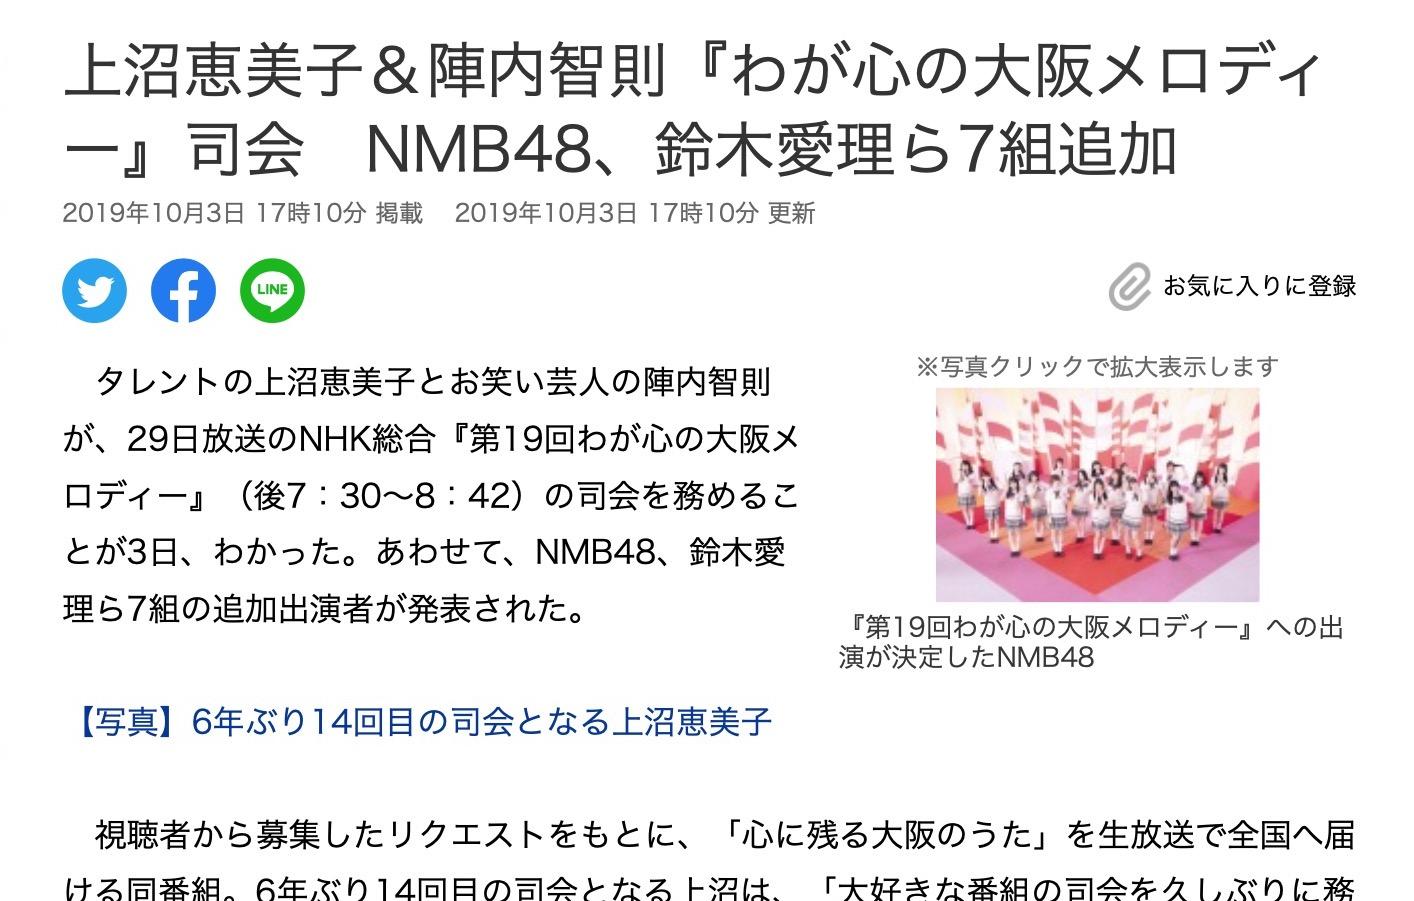 【NMB48】10月29日放送「第19回 わが心の大阪メロディー」にNMB48が出演